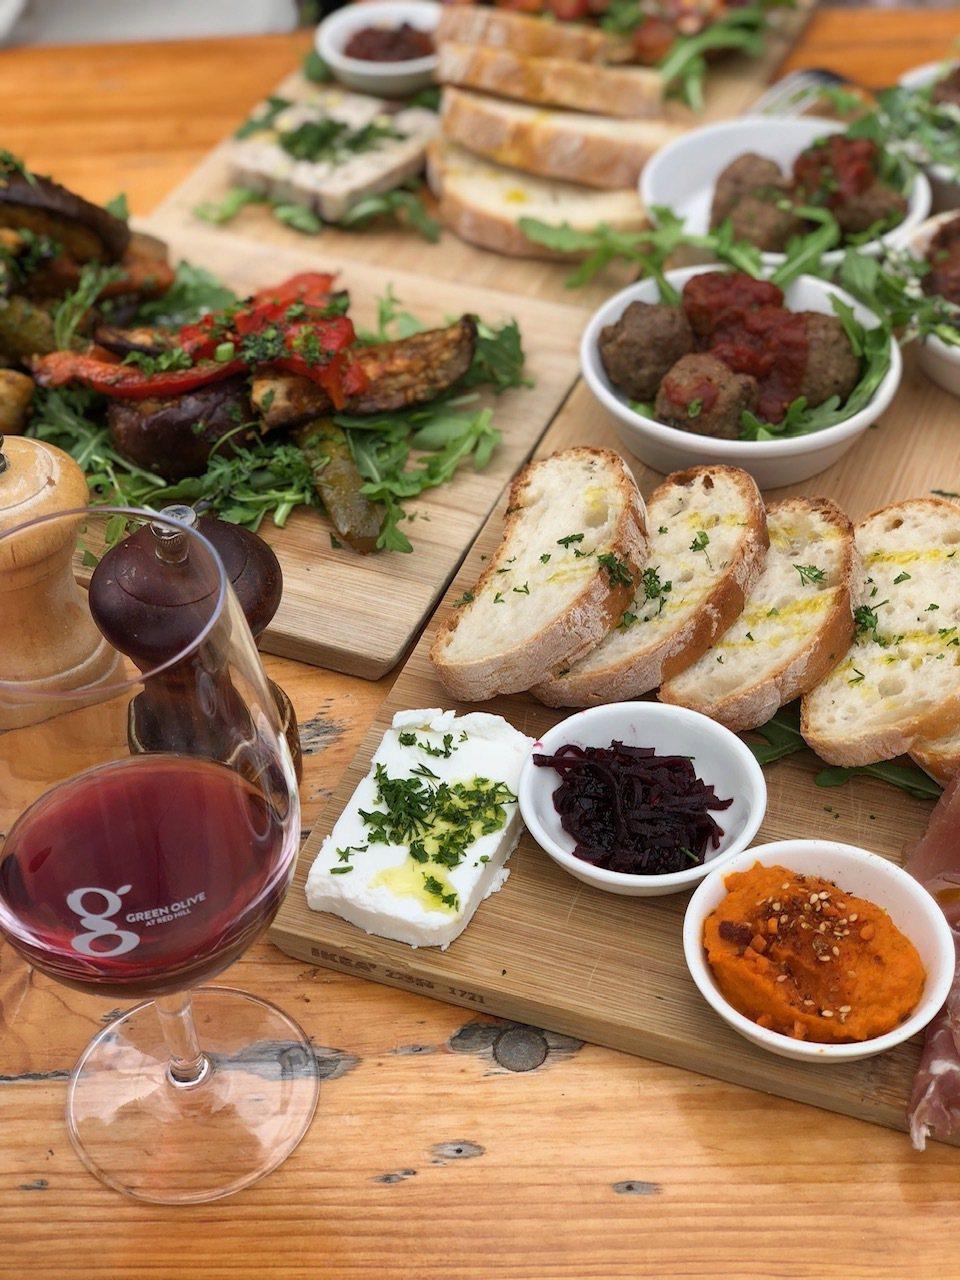 Green Olive強調餐桌上幾乎所有的食材都是從自己農場來的。記者錢欽青攝影...